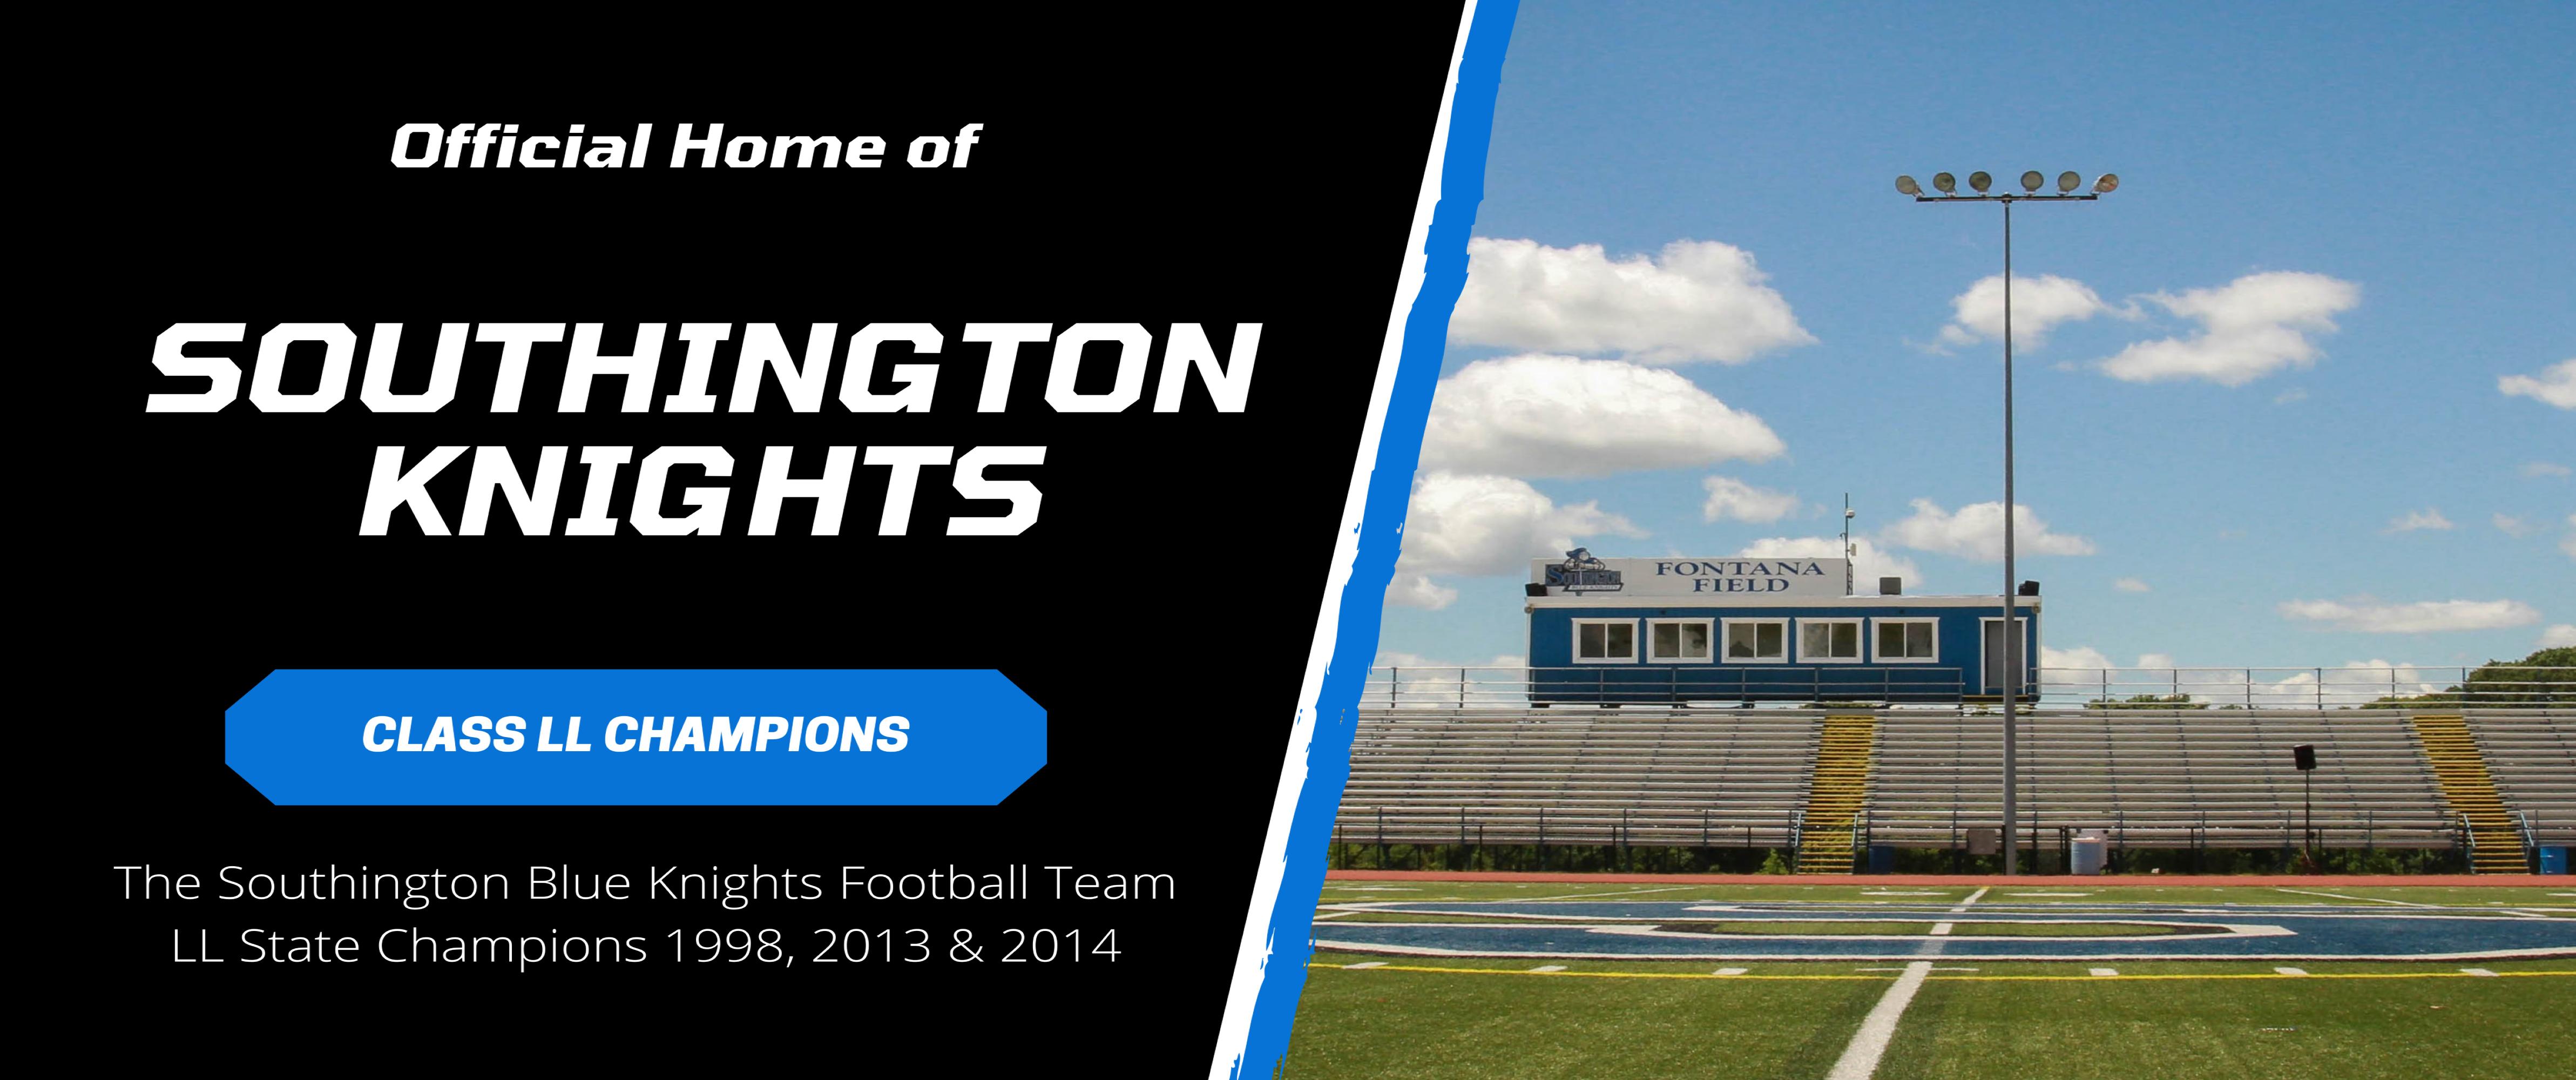 Southington High School Football, Football, Touchdown, Fontana Field